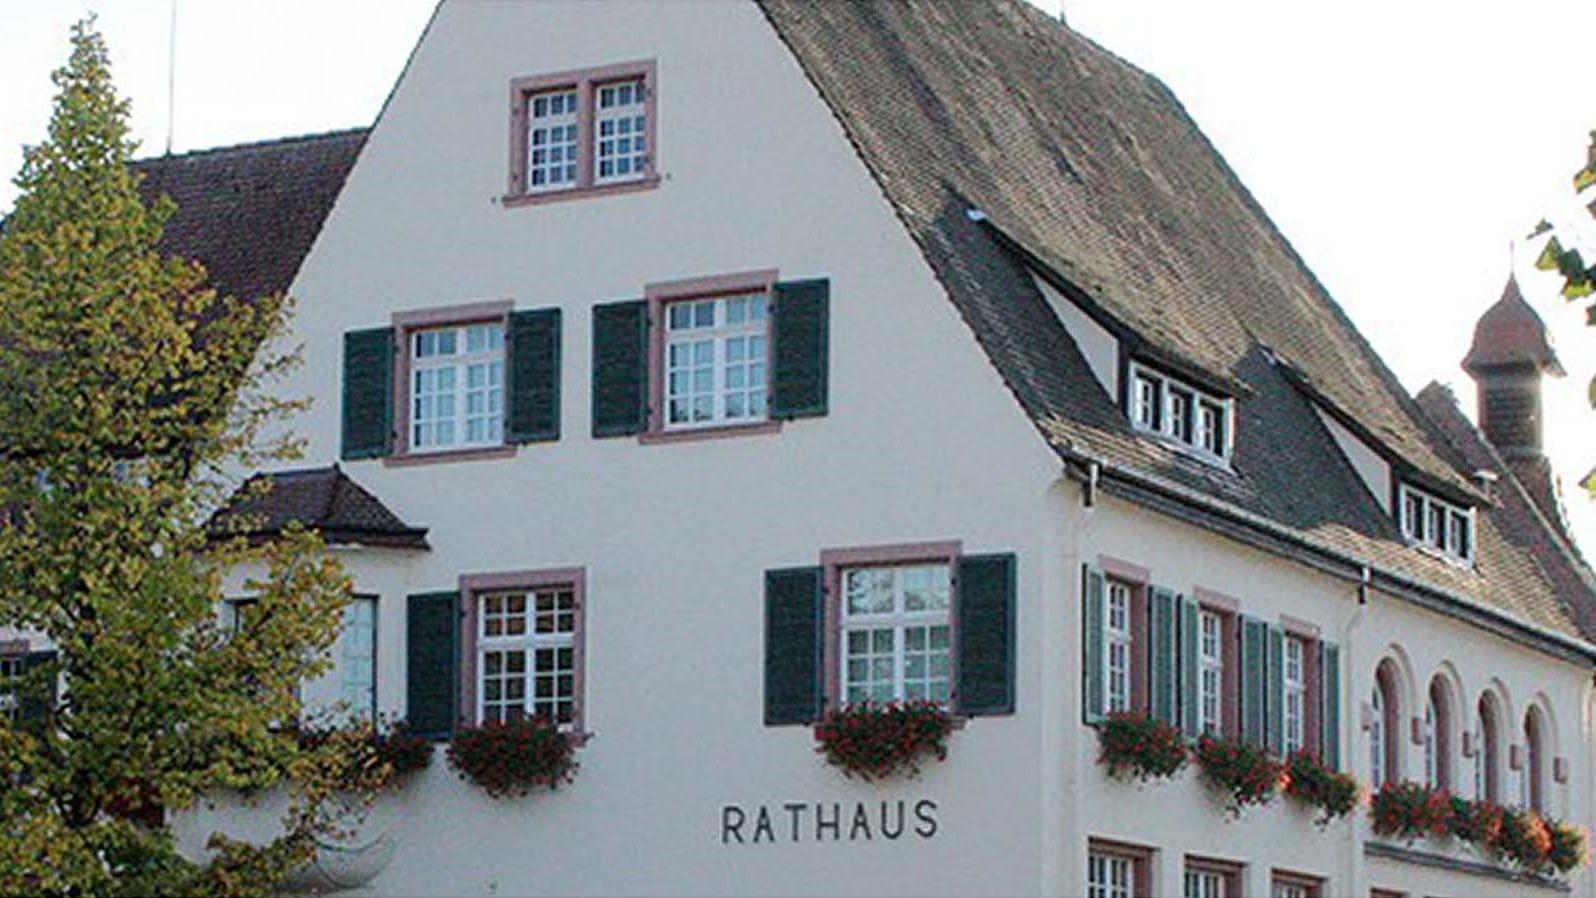 Rathaus-der-Gemeinde-Binzen